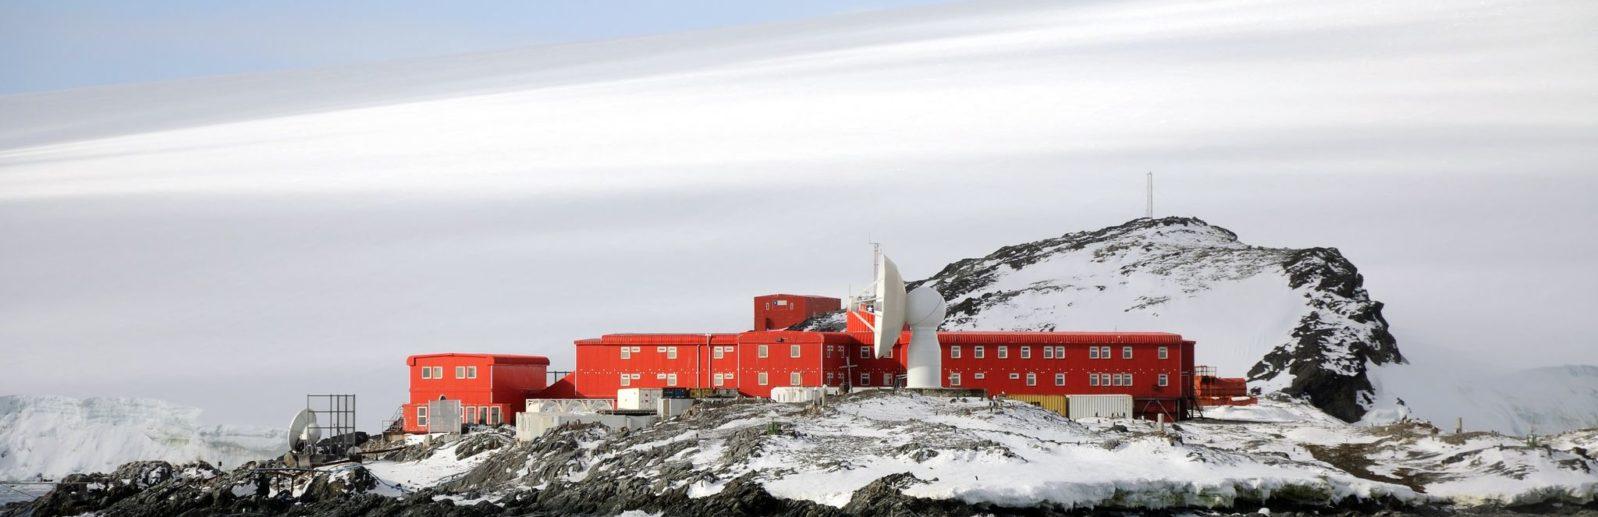 Bernardo O Higgins Riquelme база в антарктике